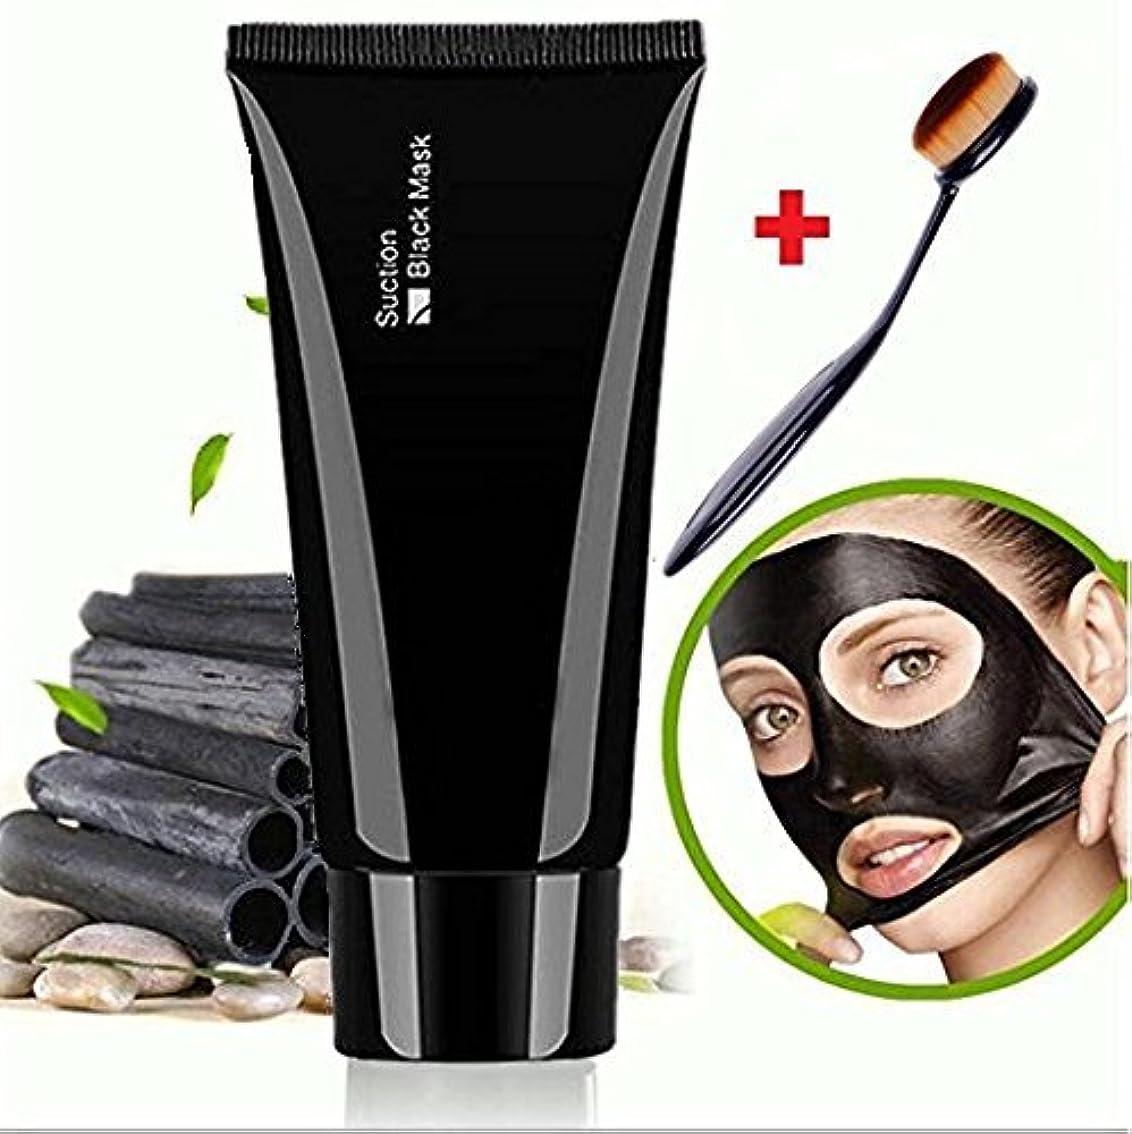 人気の地図先住民Facial Mask Black, Face Apeel Cleansing Mask Deep Cleanser Blackhead Acne Remover Peel off Mask + Oval Brush